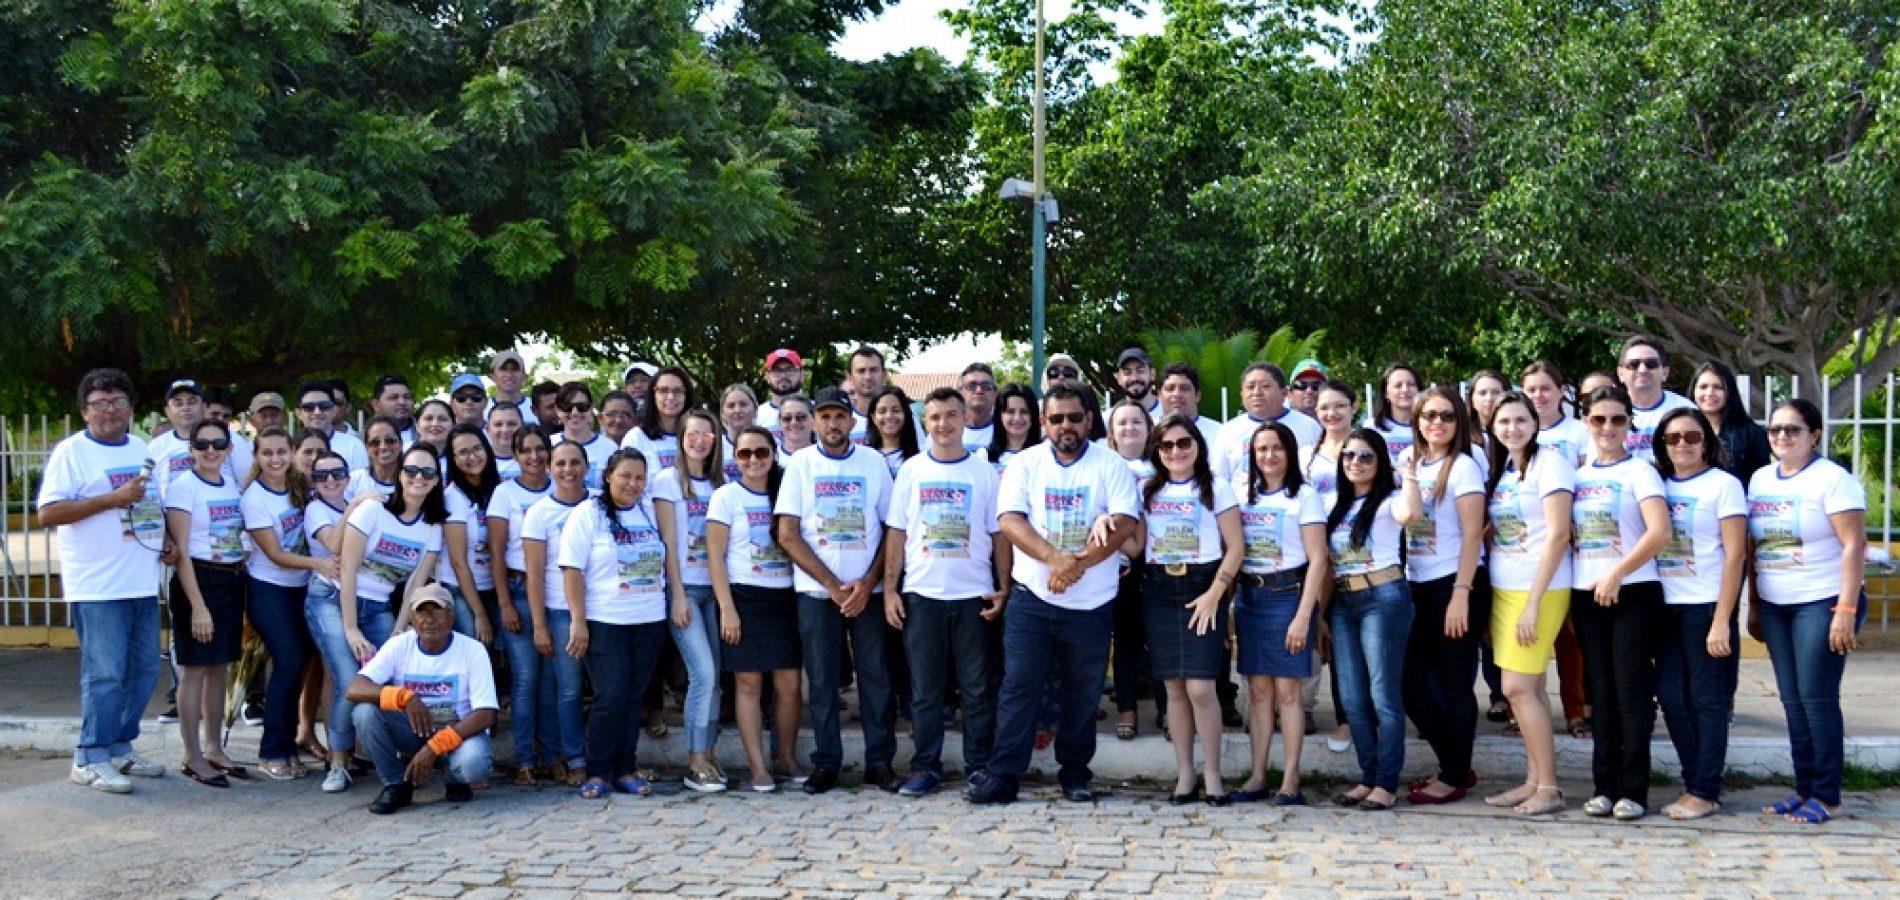 Passeata mobiliza população no combate ao aedes aegypti em Belém do Piauí